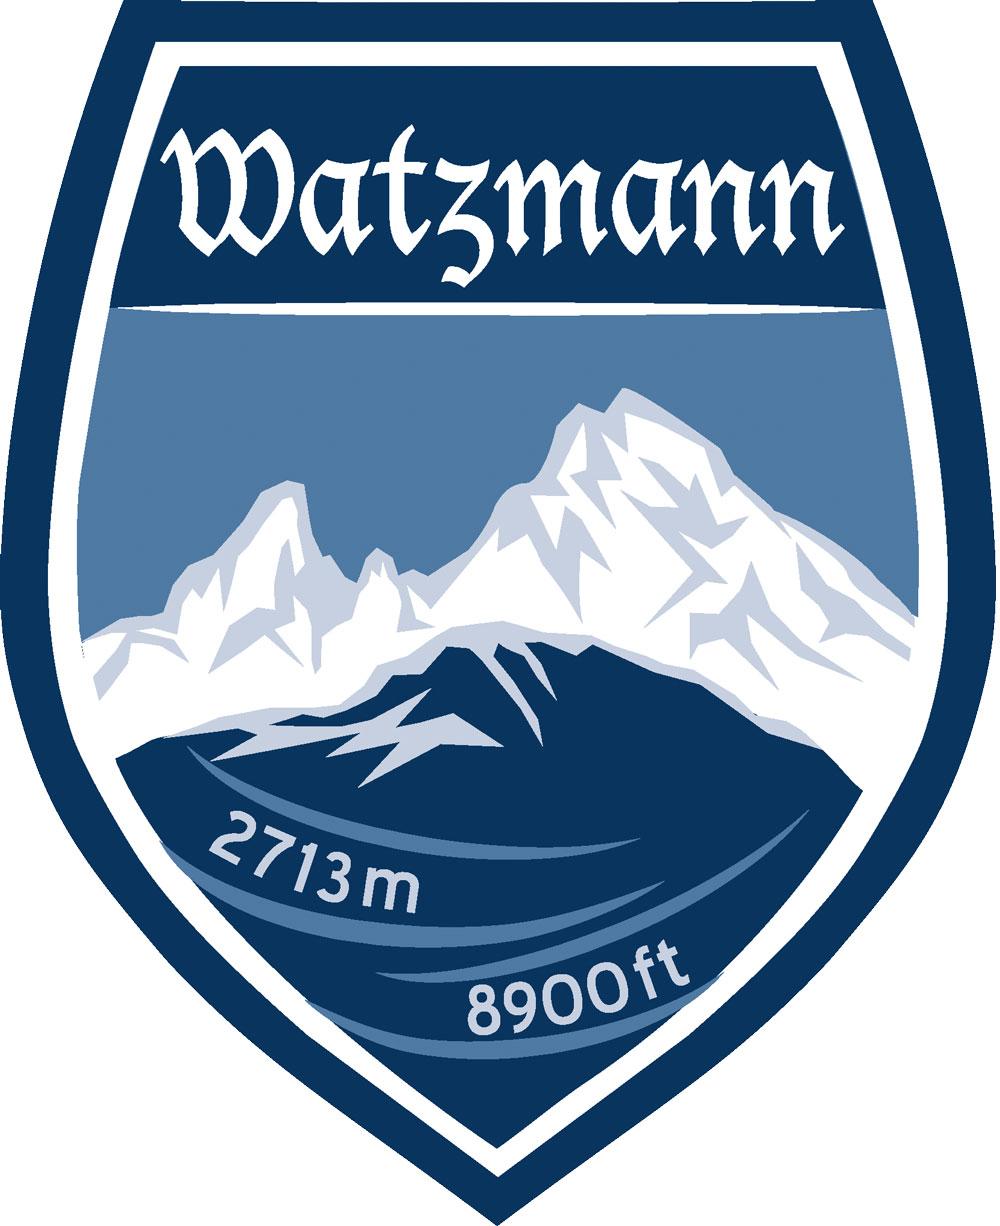 Wappen Aufkleber Sticker Watzmann - Modell grün